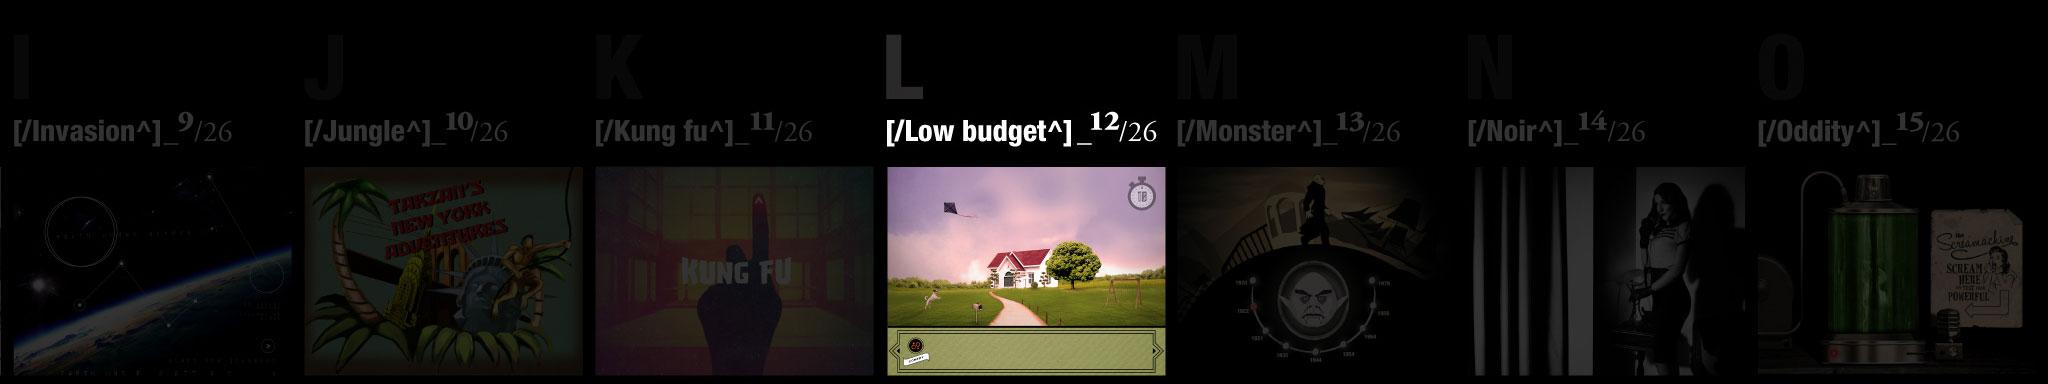 Tavola-sinottica_02_L-Low-Budget